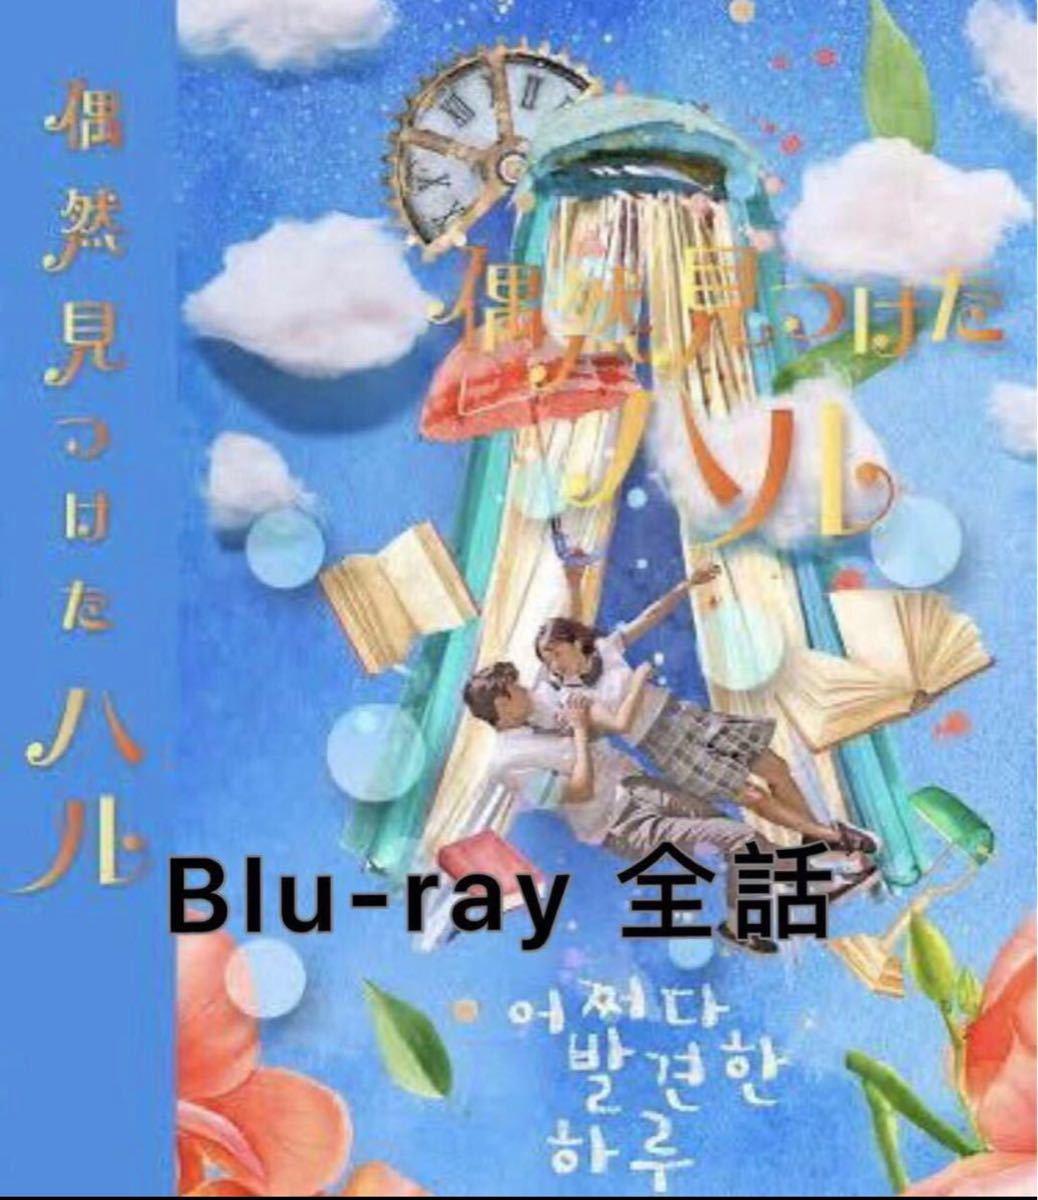 韓国ドラマ【偶然見つけたハル】全話収録 Blu-ray/ブルーレイ